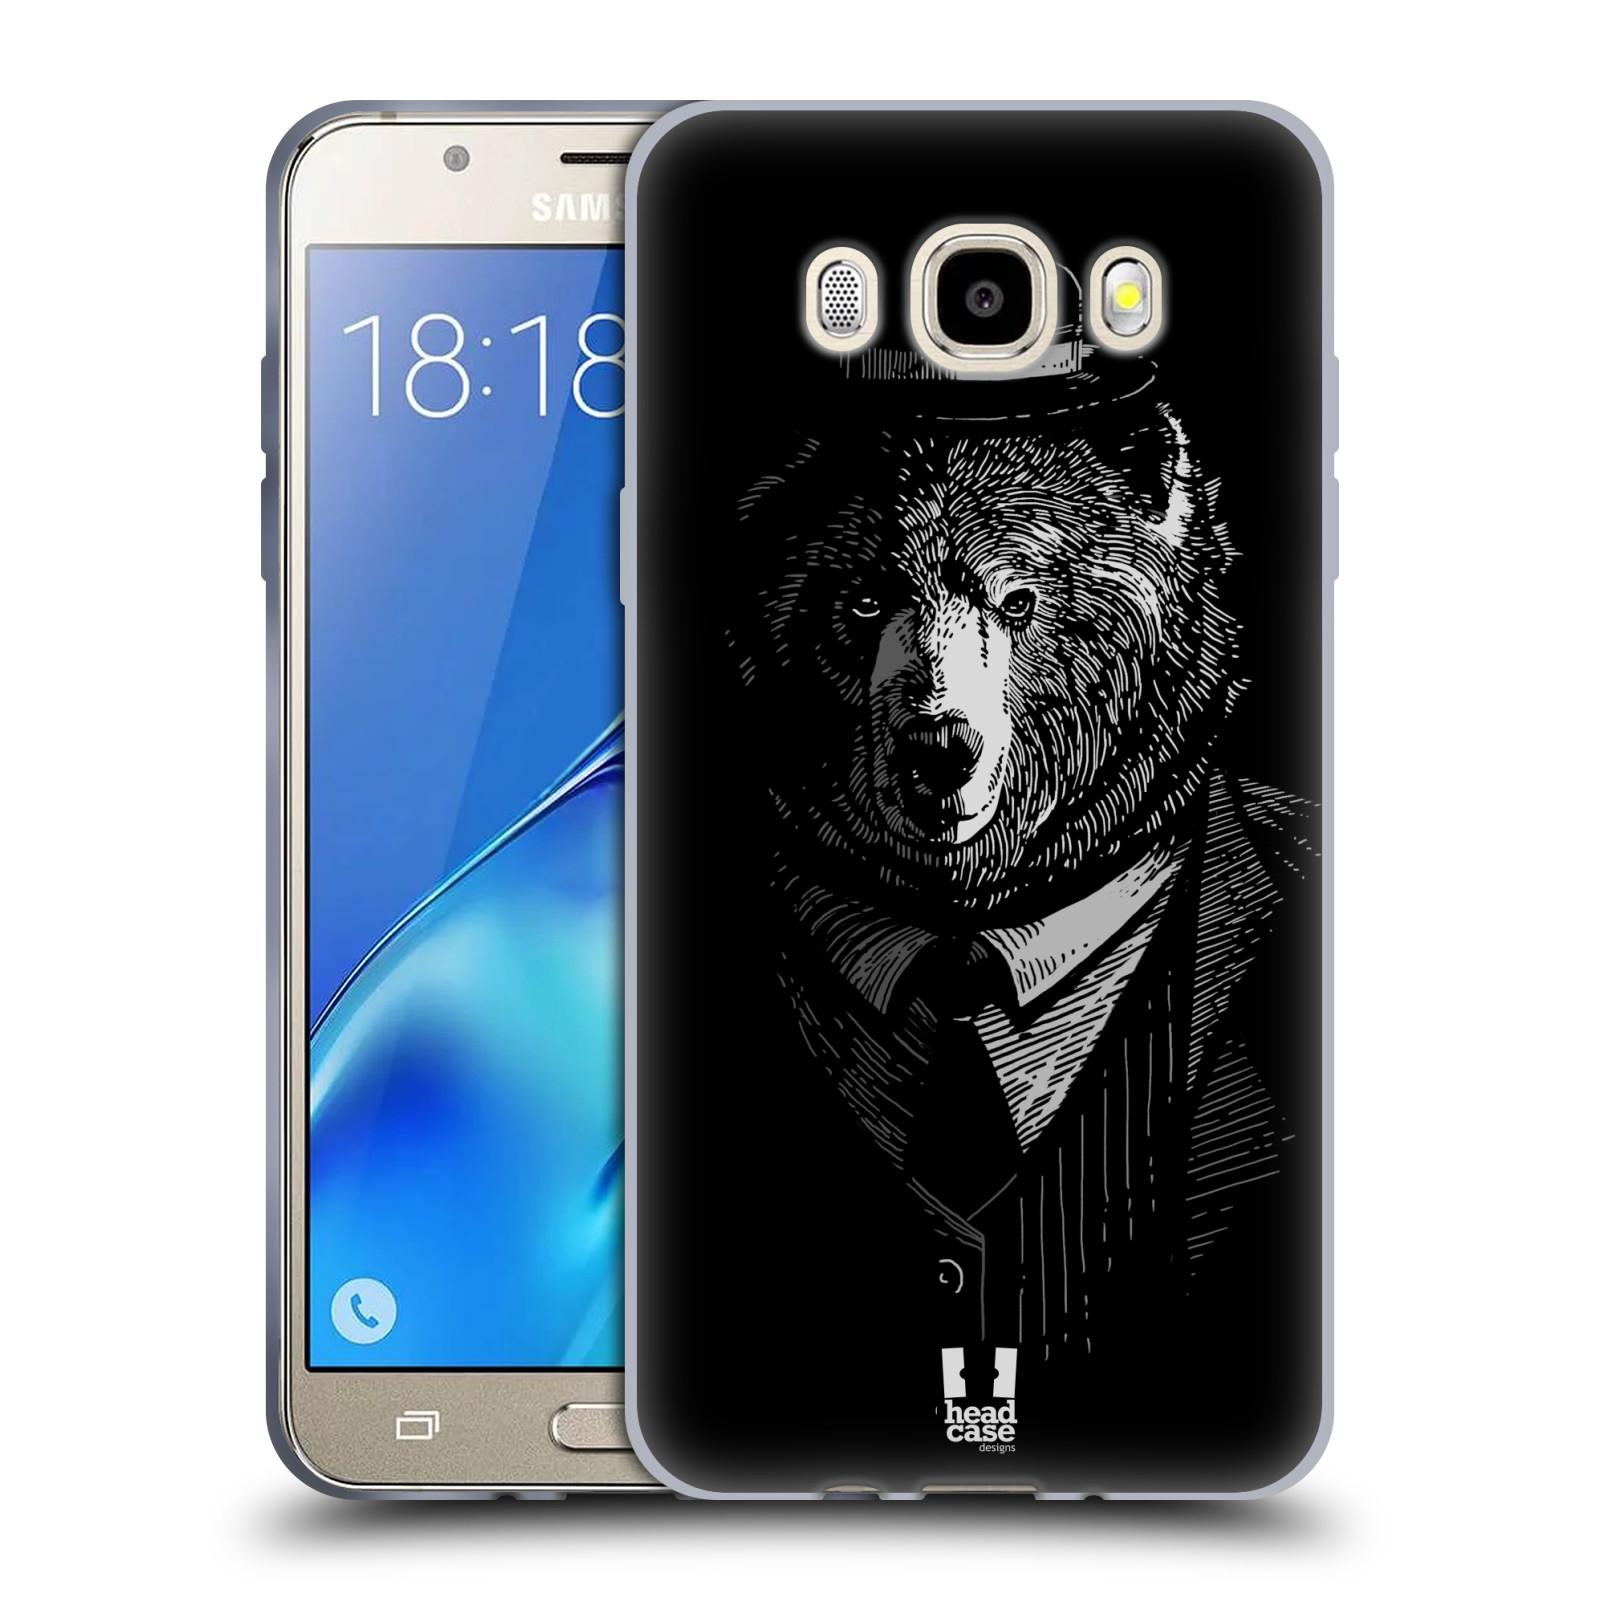 HEAD CASE silikonový obal, kryt na mobil Samsung Galaxy J5 2016, J510, J510F, (J510F DUAL SIM) vzor Zvíře v obleku medvěd